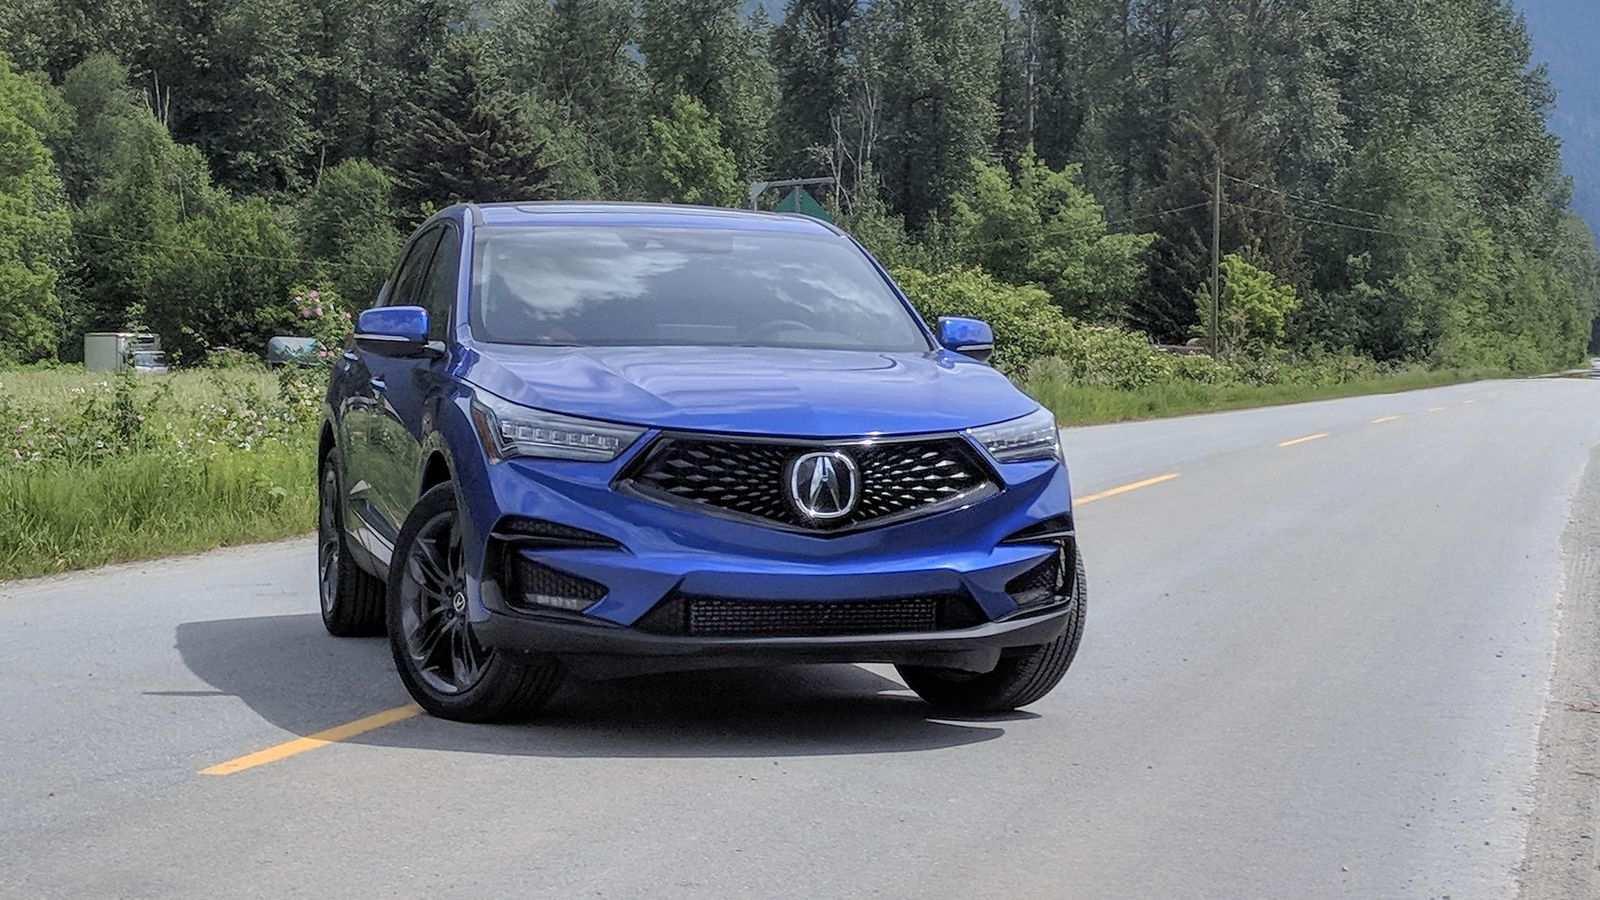 81 Concept of New Rdx Acura 2019 Price Specs Picture with New Rdx Acura 2019 Price Specs